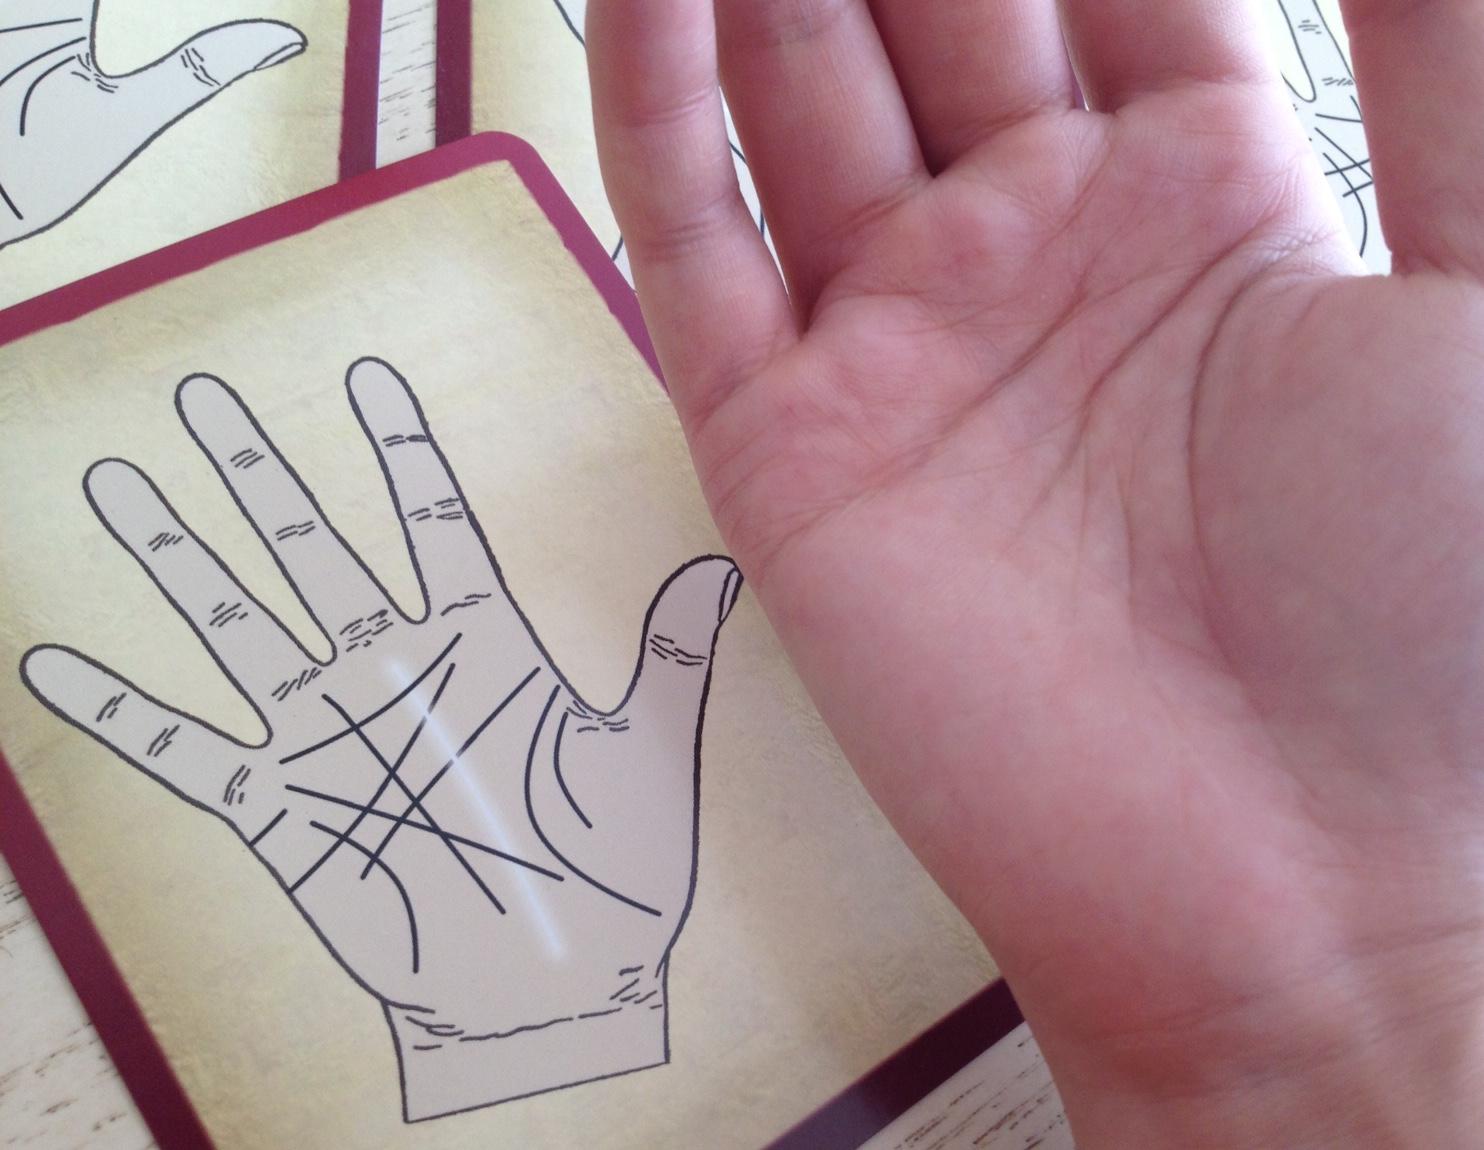 Что означает линия ангела хранителя (марса) на руке. линия ангела хранителя на руке